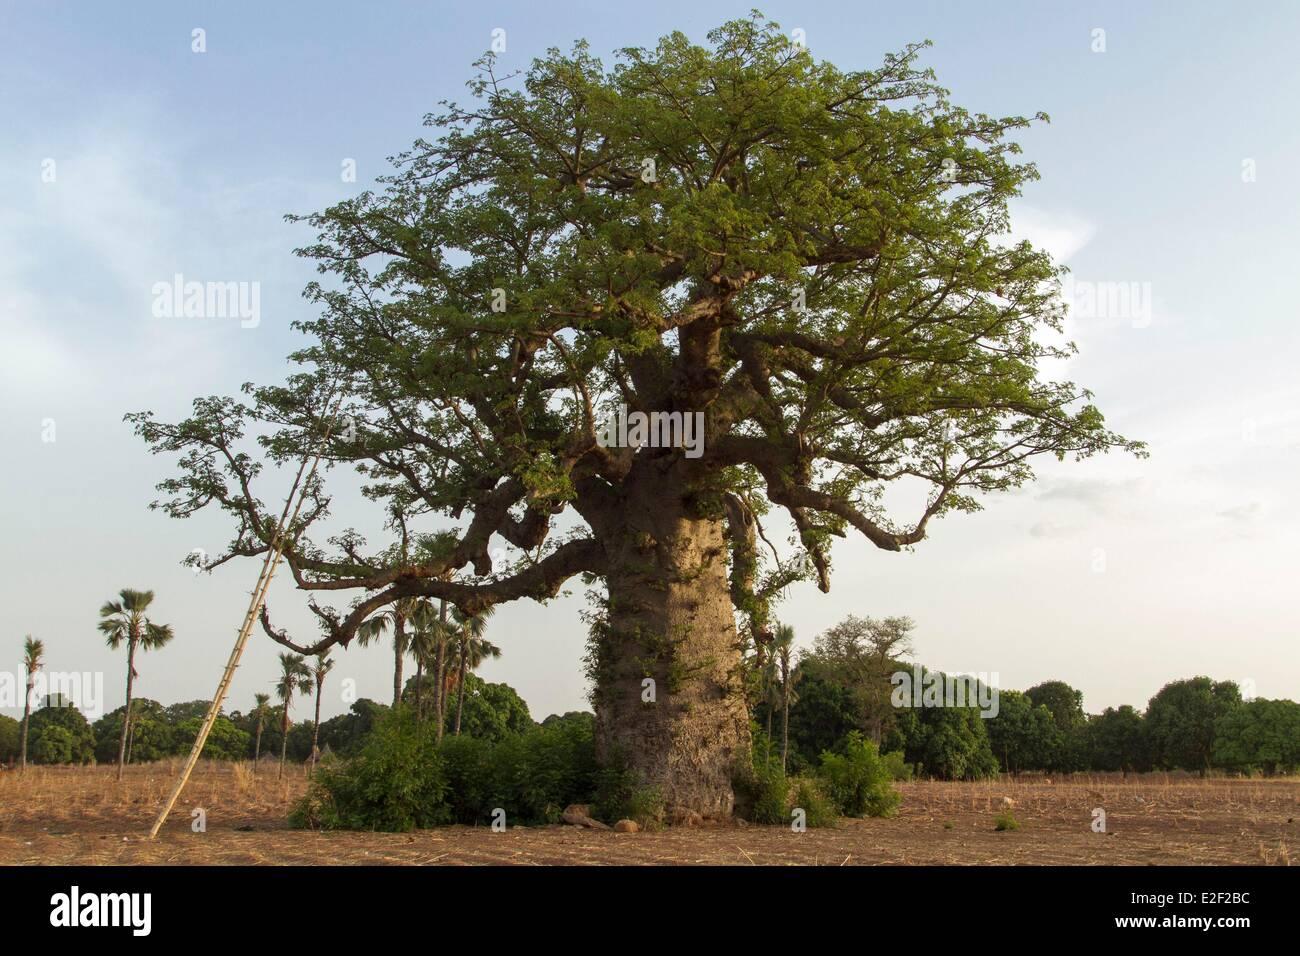 Burkina Faso, baobab in Senoufo area - Stock Image